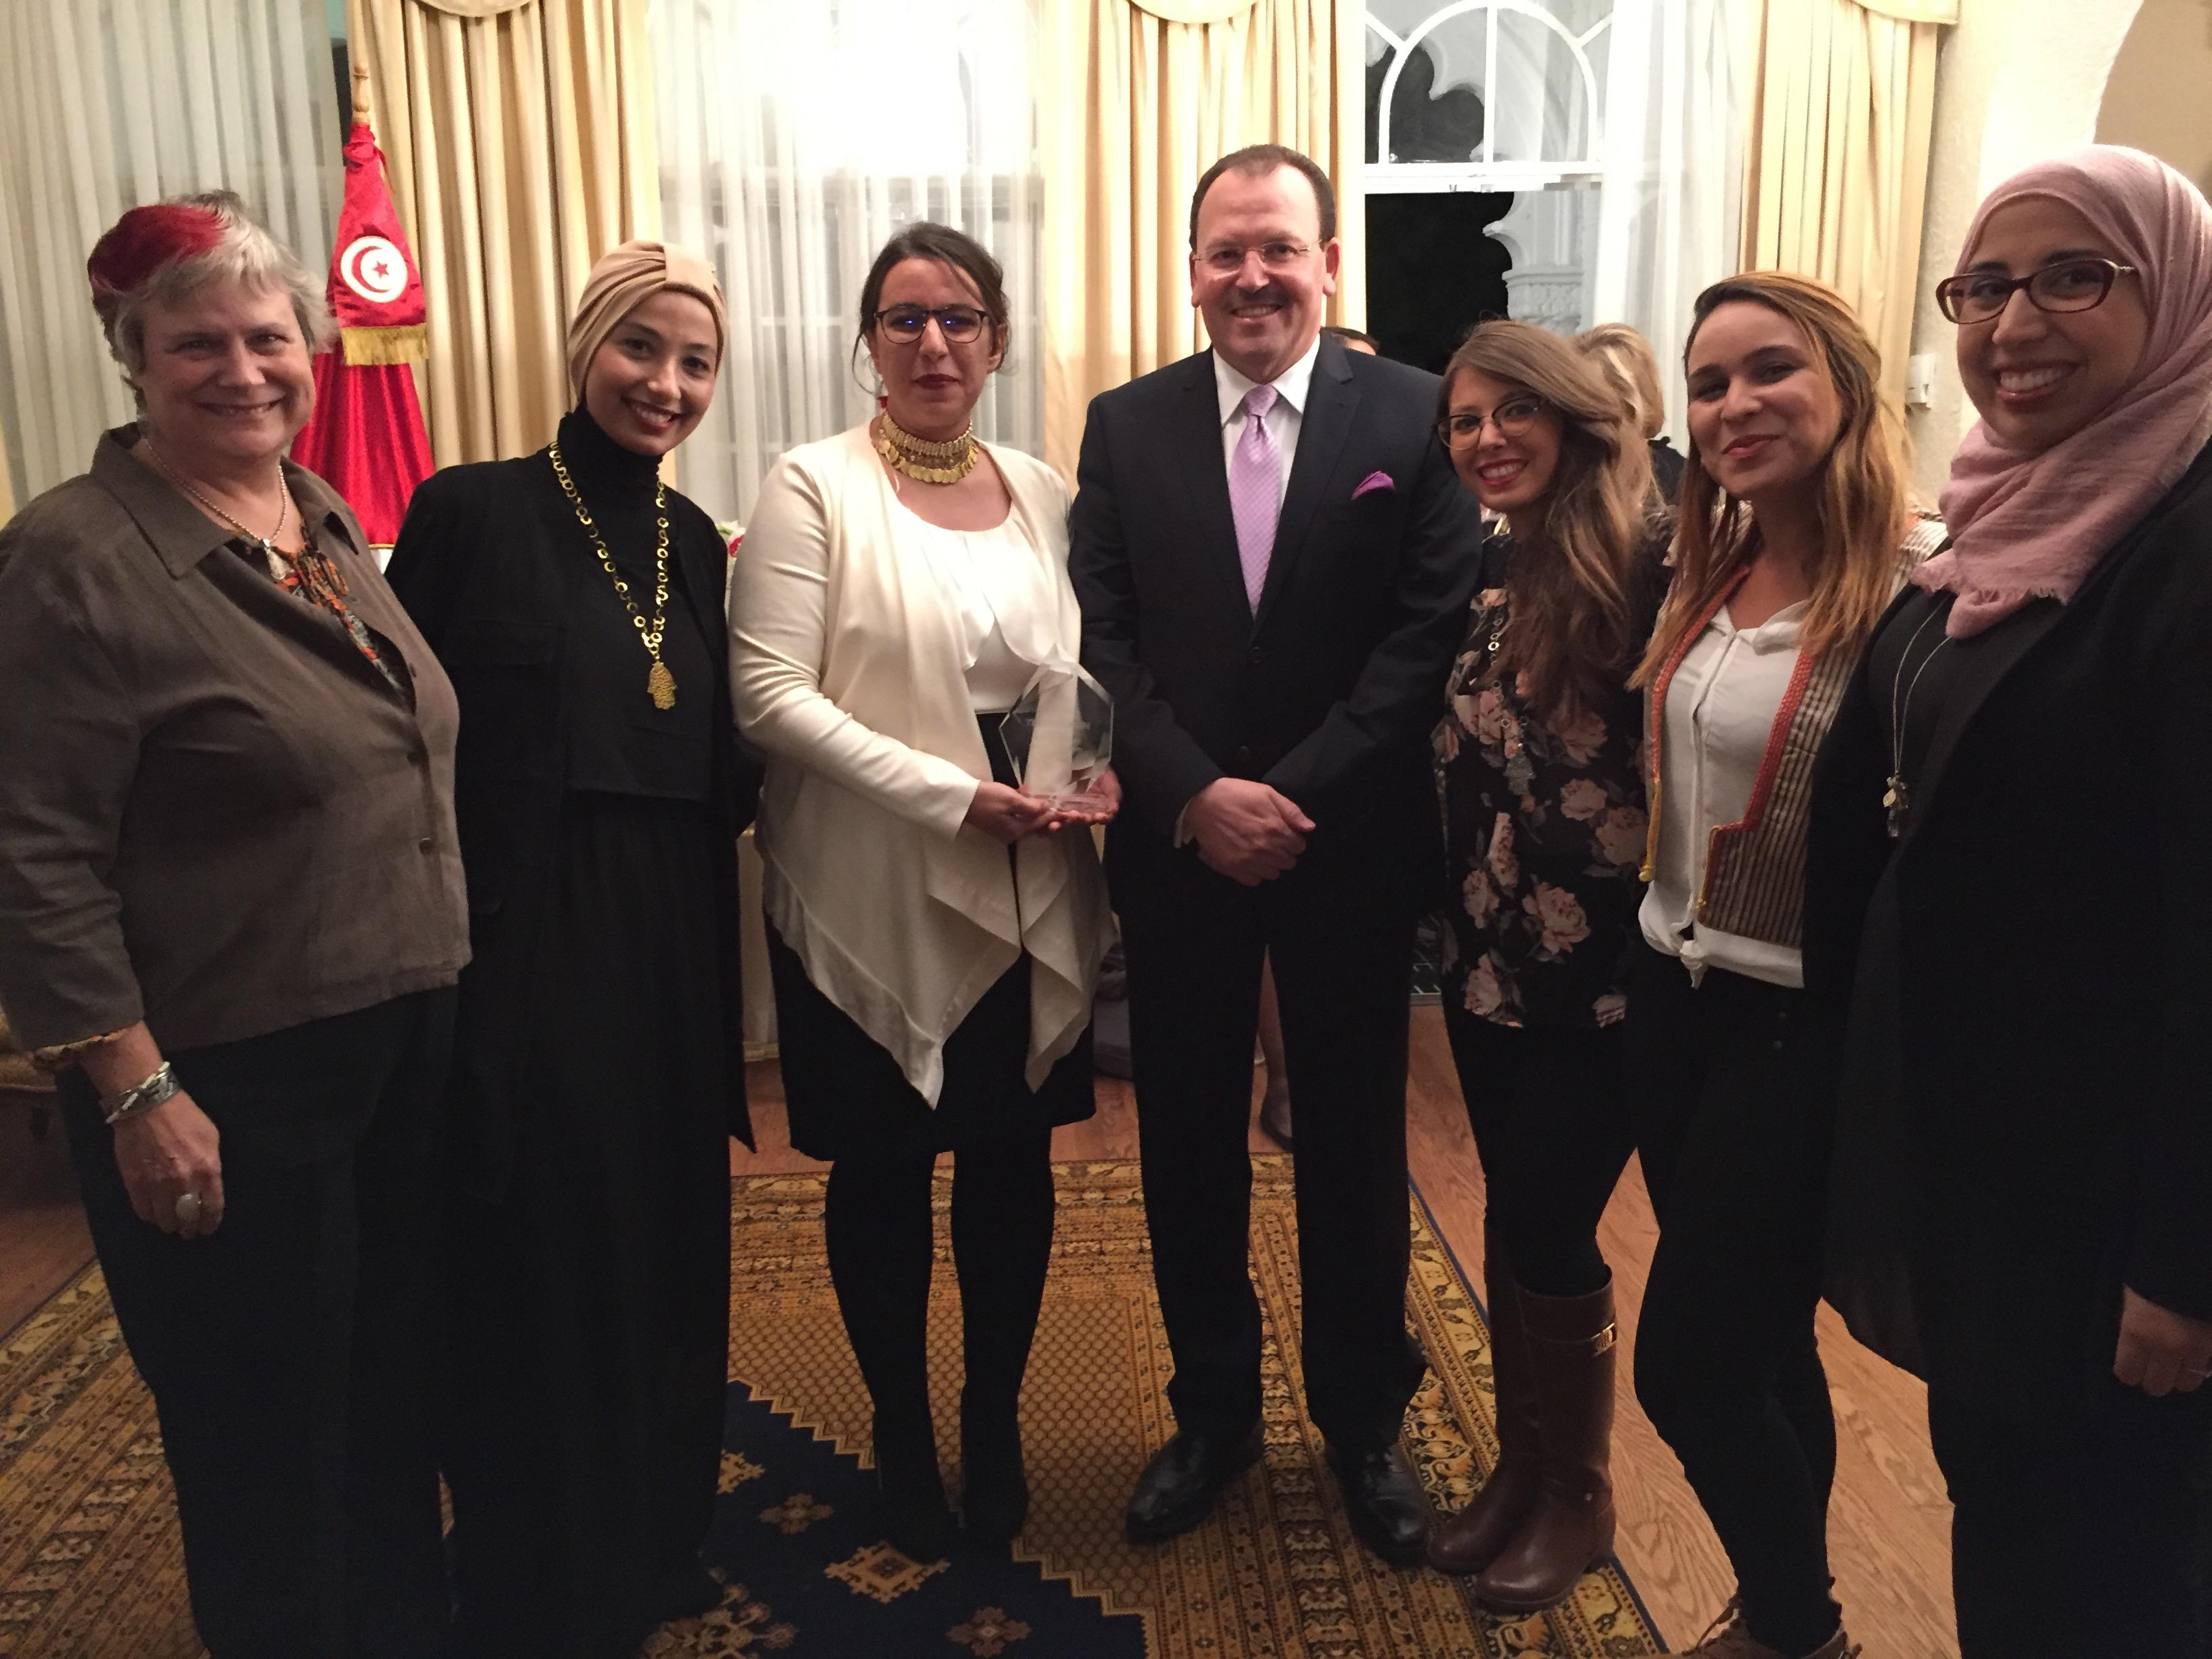 His Excellency Fayçal Gouia with TechWomen Team Tunisia at Ambassador's Reception, Washington DC, October 2016